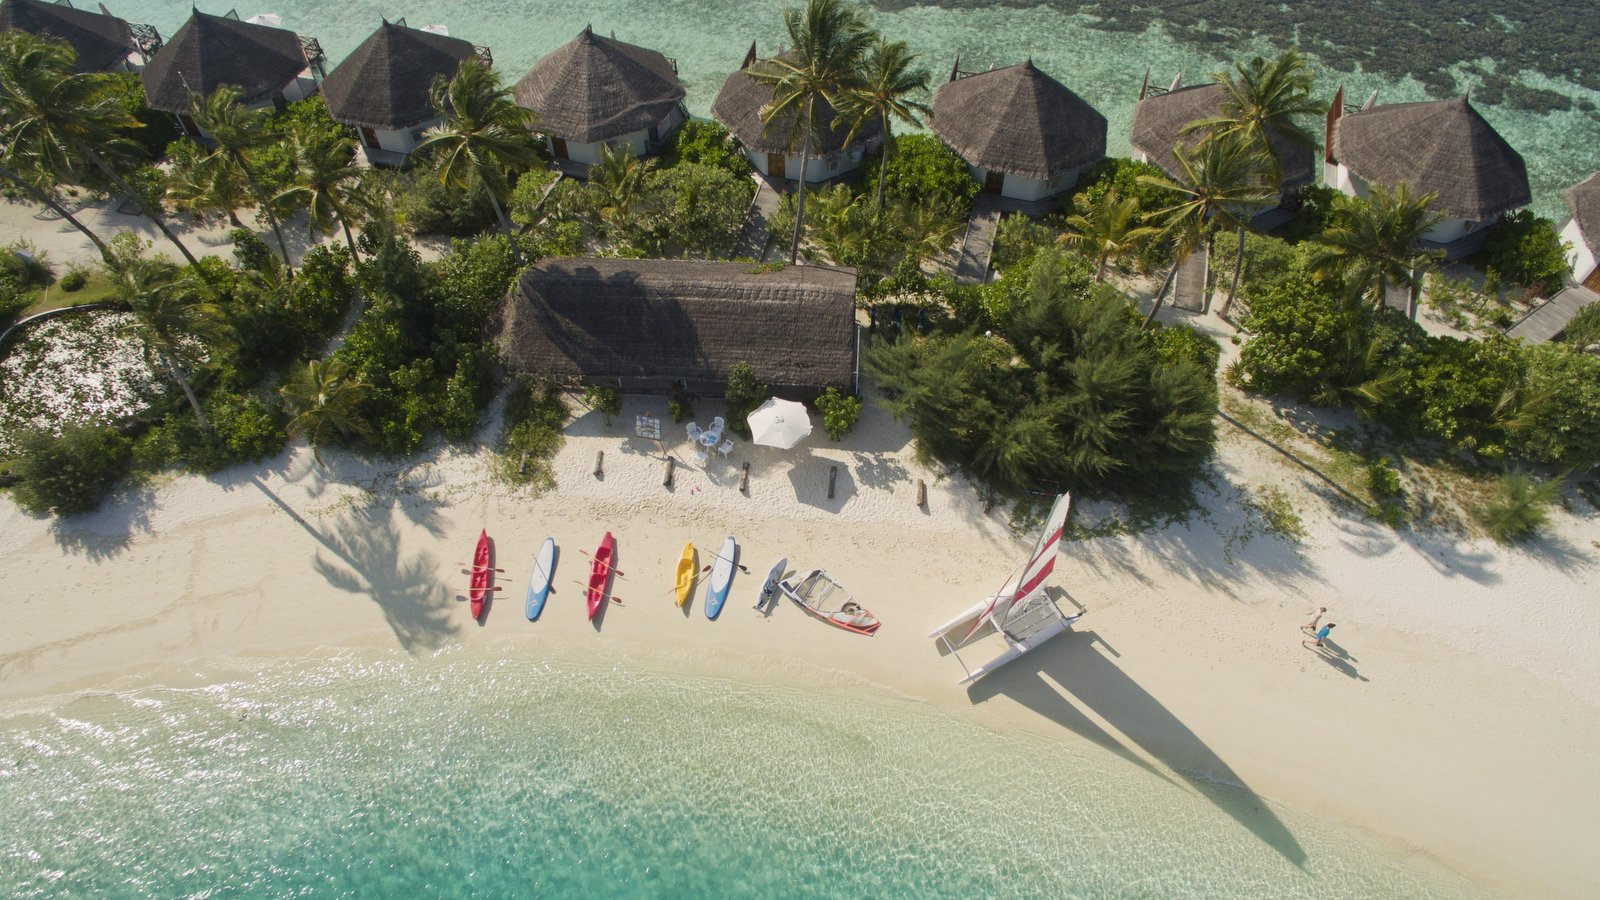 Мальдивы, отель Safari Island Resort & Spa, центр водных видов спорта